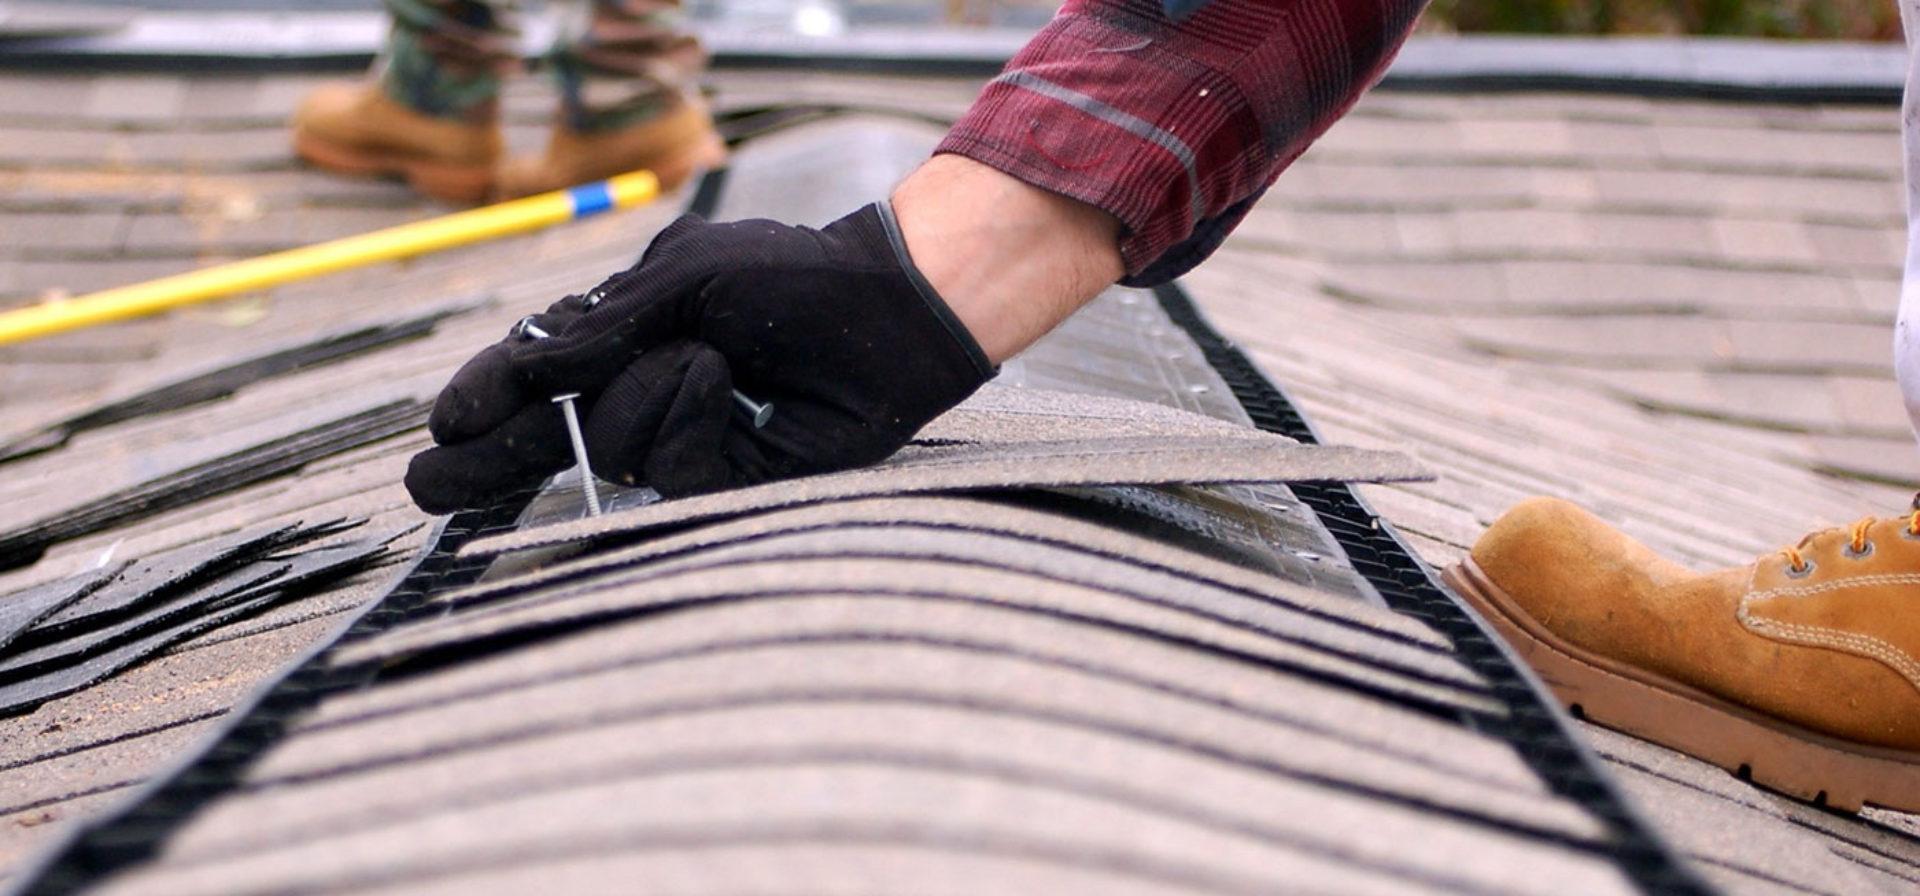 Slate Roof Instalation Mistakes